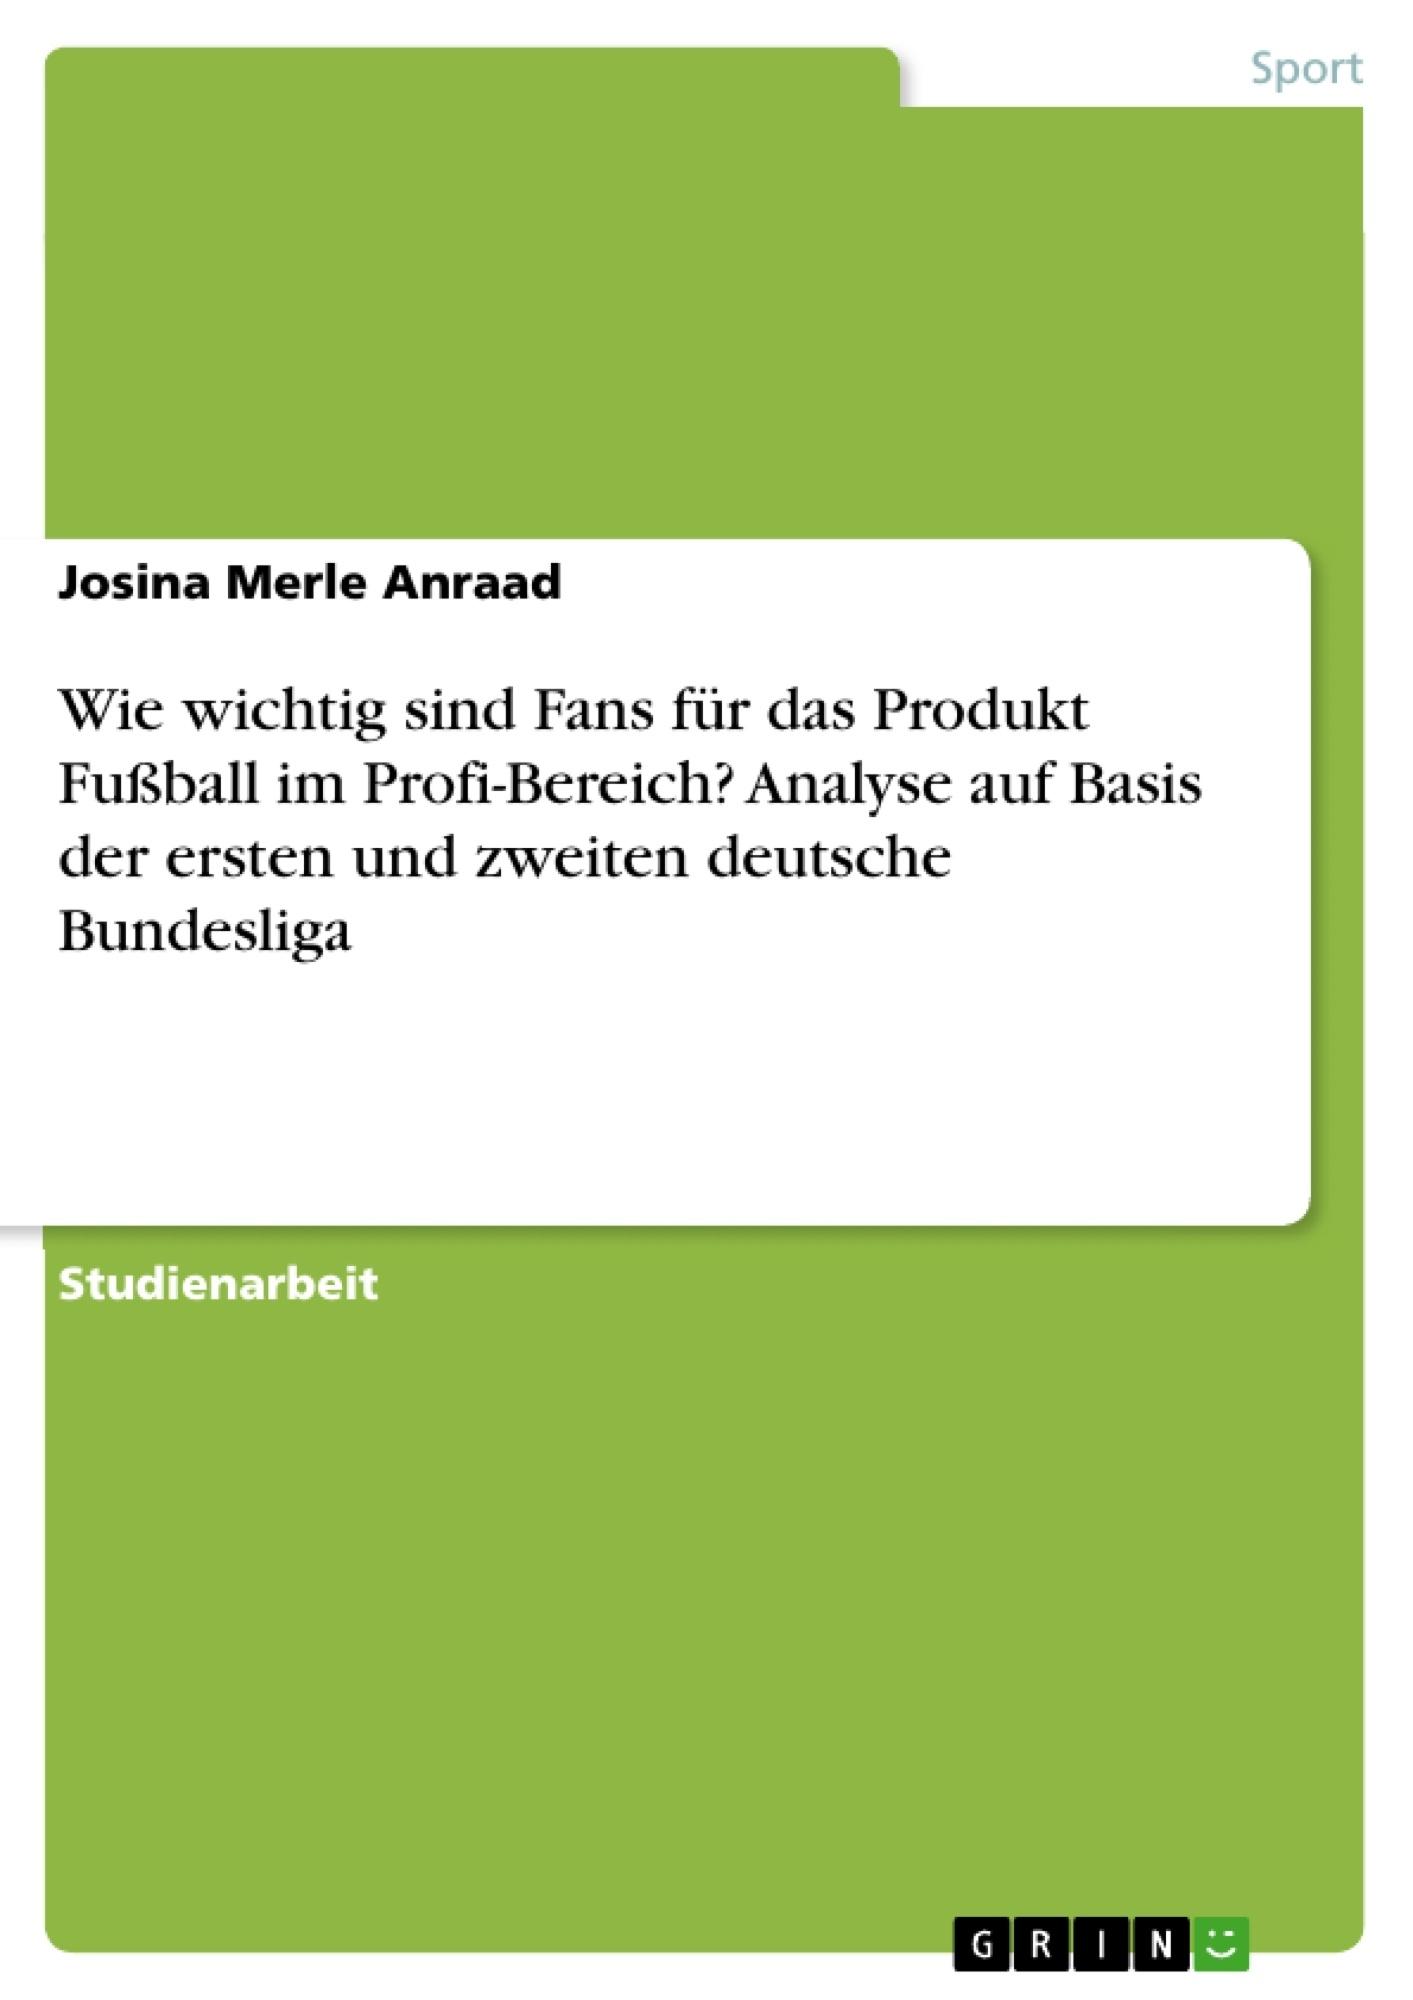 Titel: Wie wichtig sind Fans für das Produkt Fußball im Profi-Bereich? Analyse auf Basis der ersten und zweiten deutsche Bundesliga